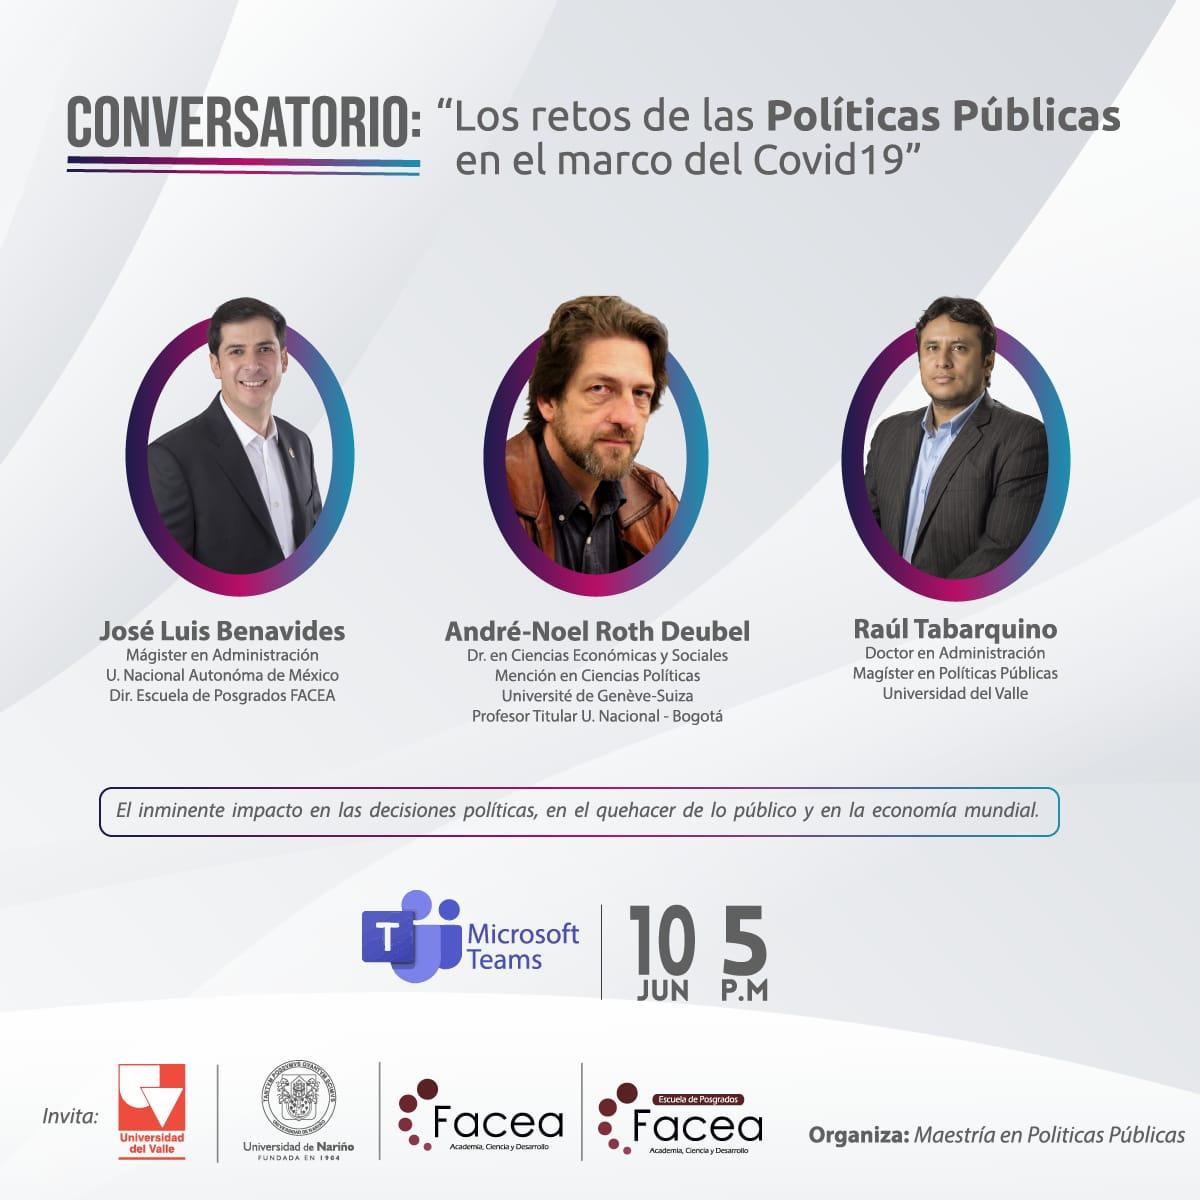 conversatorio-covid-politicas